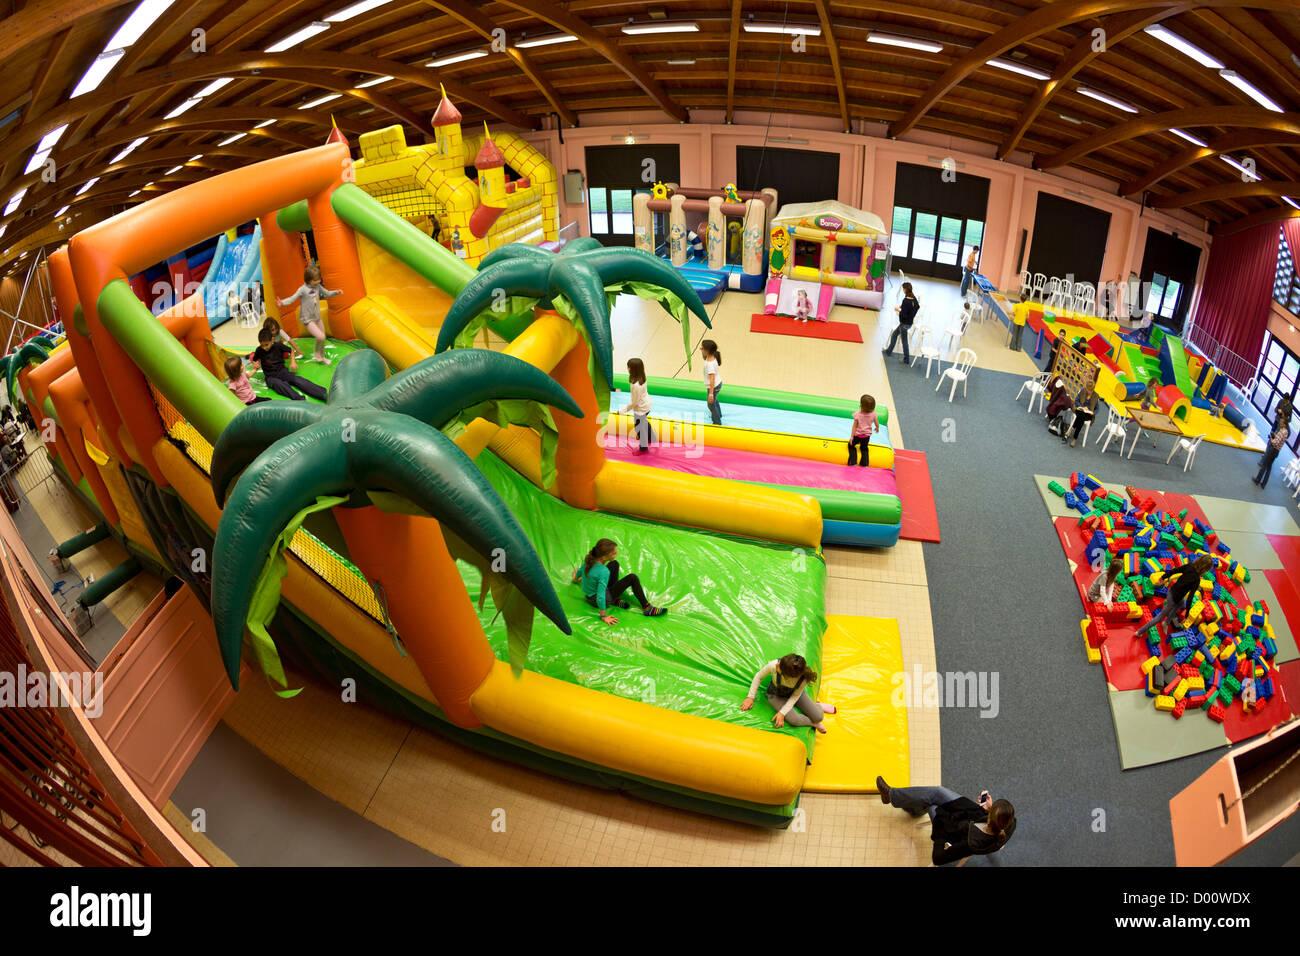 Aufblasbare Strukturen (Hüpfburg Typ) für Kinder in einem indoor Kirmes. Stockbild